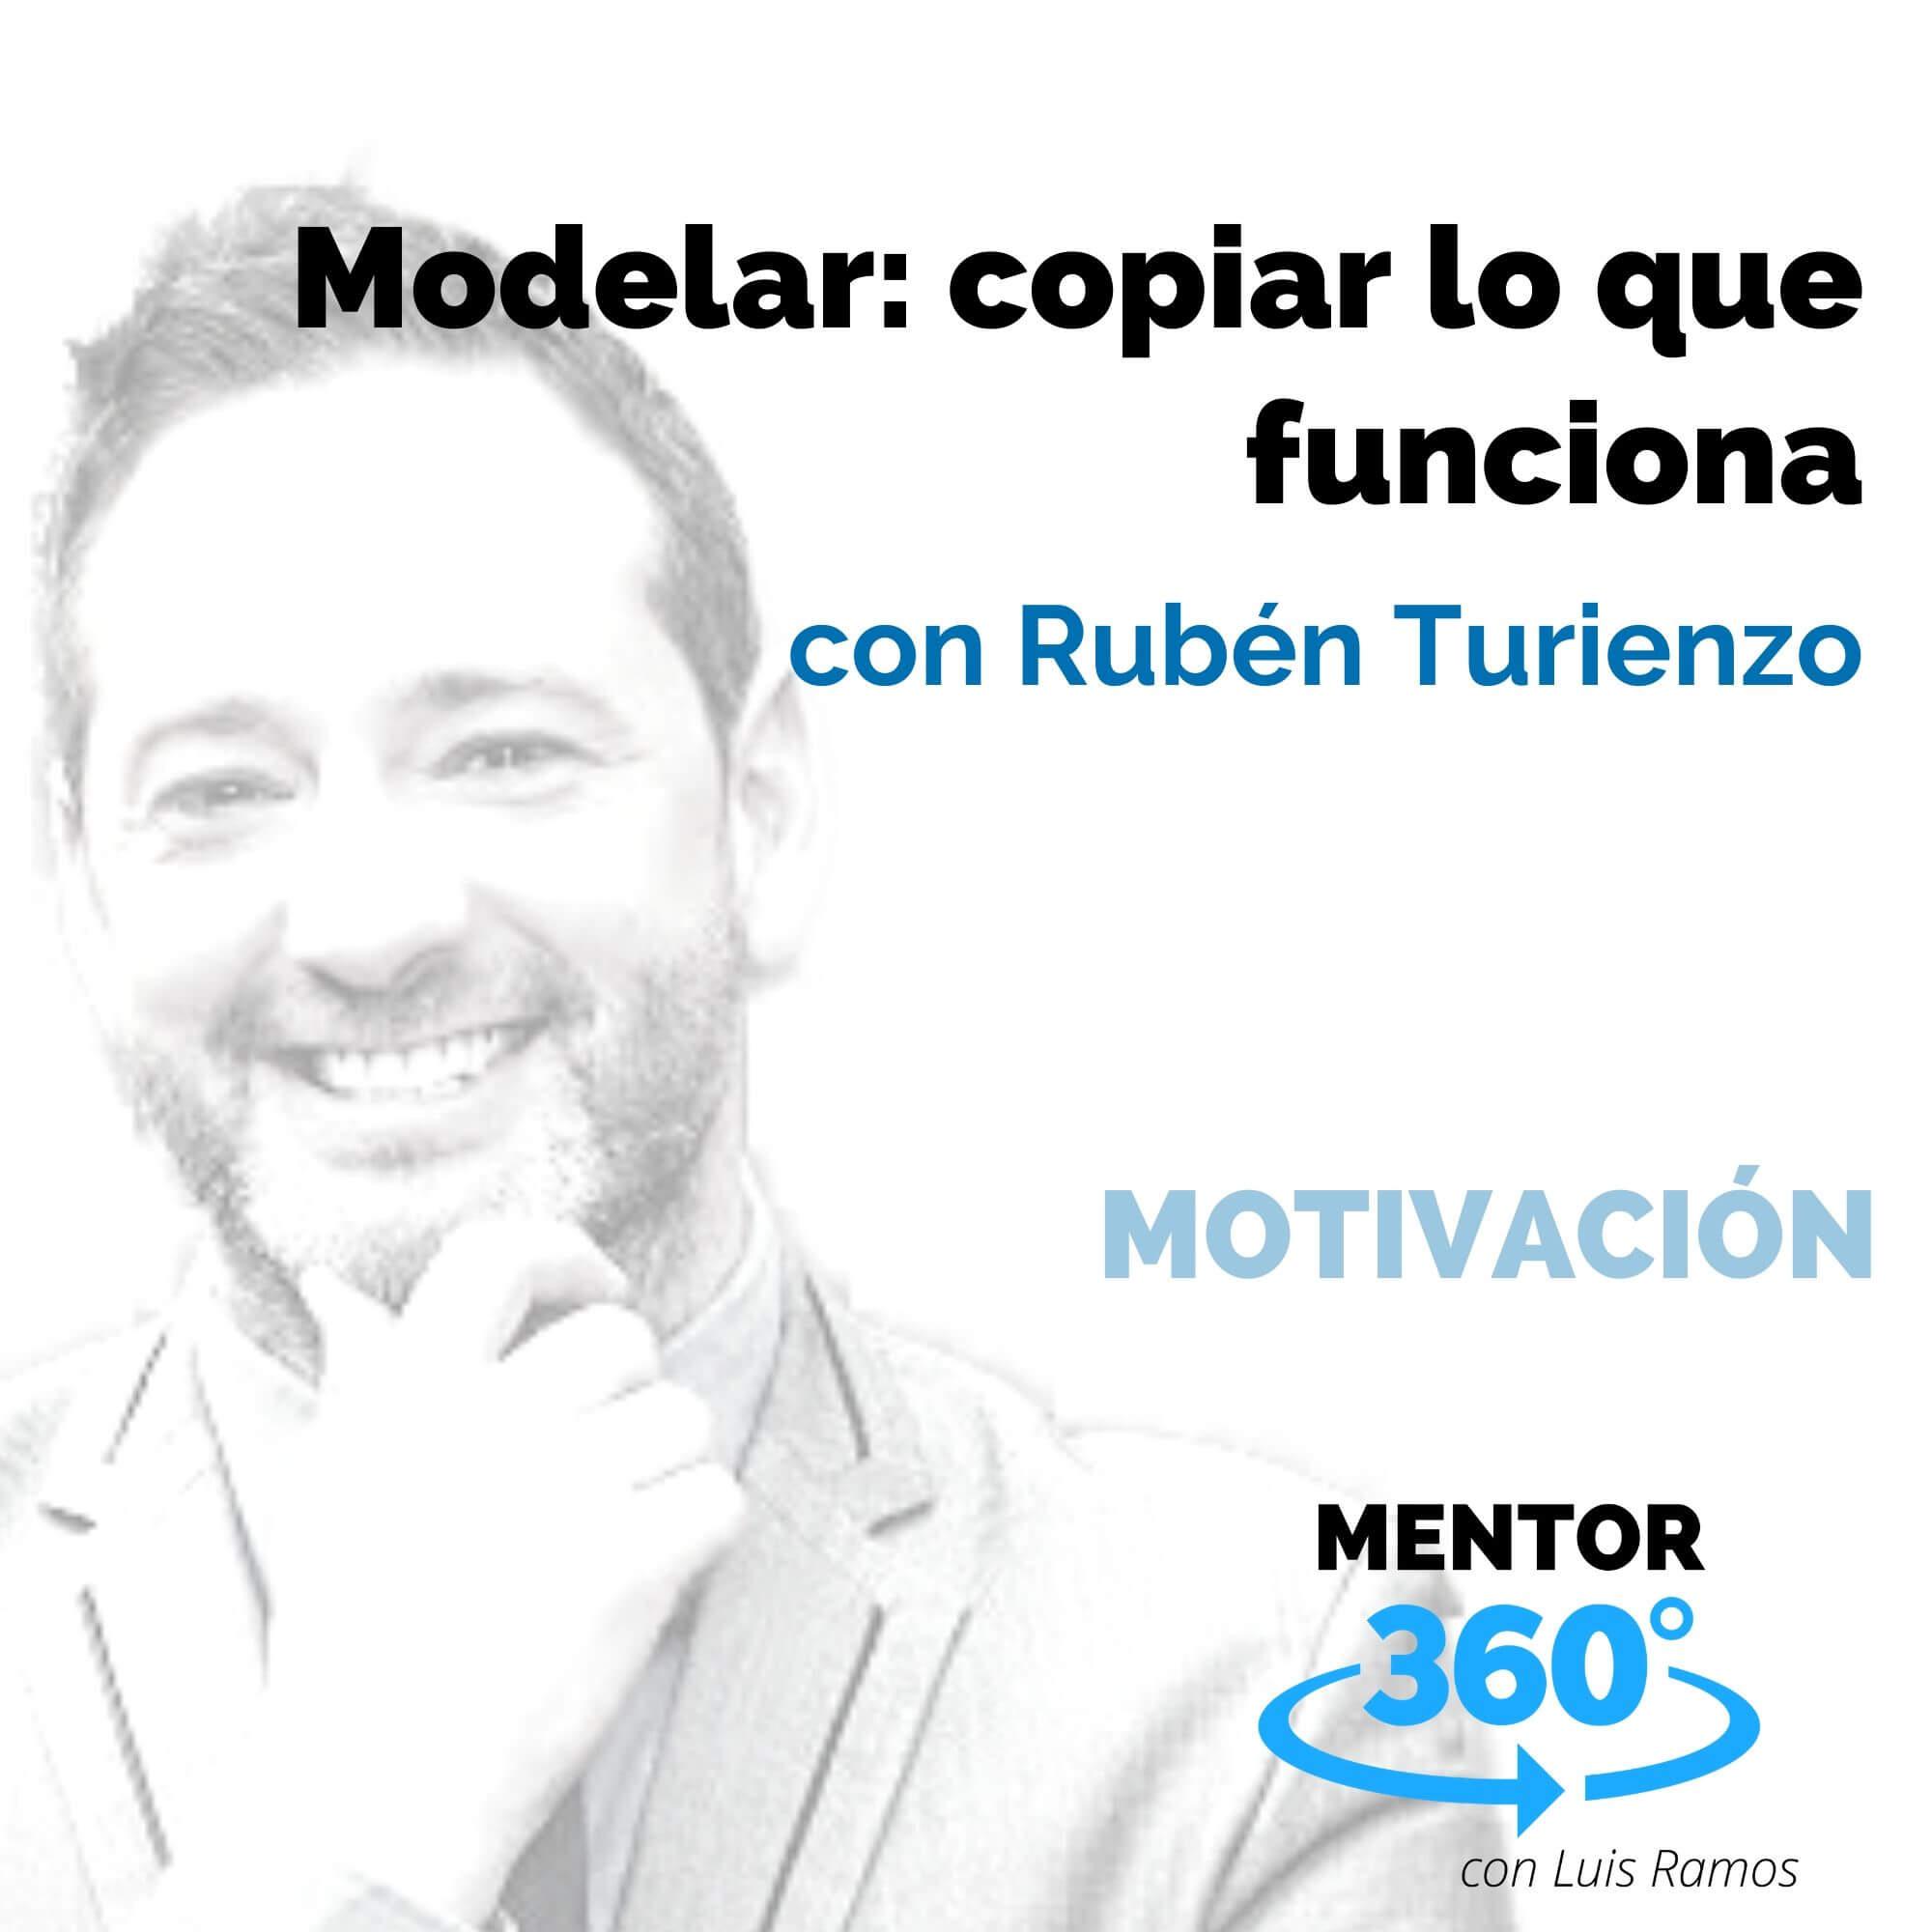 Modelar - Copiar lo que Funciona, con Rubén Turienzo - MOTIVACIÓN